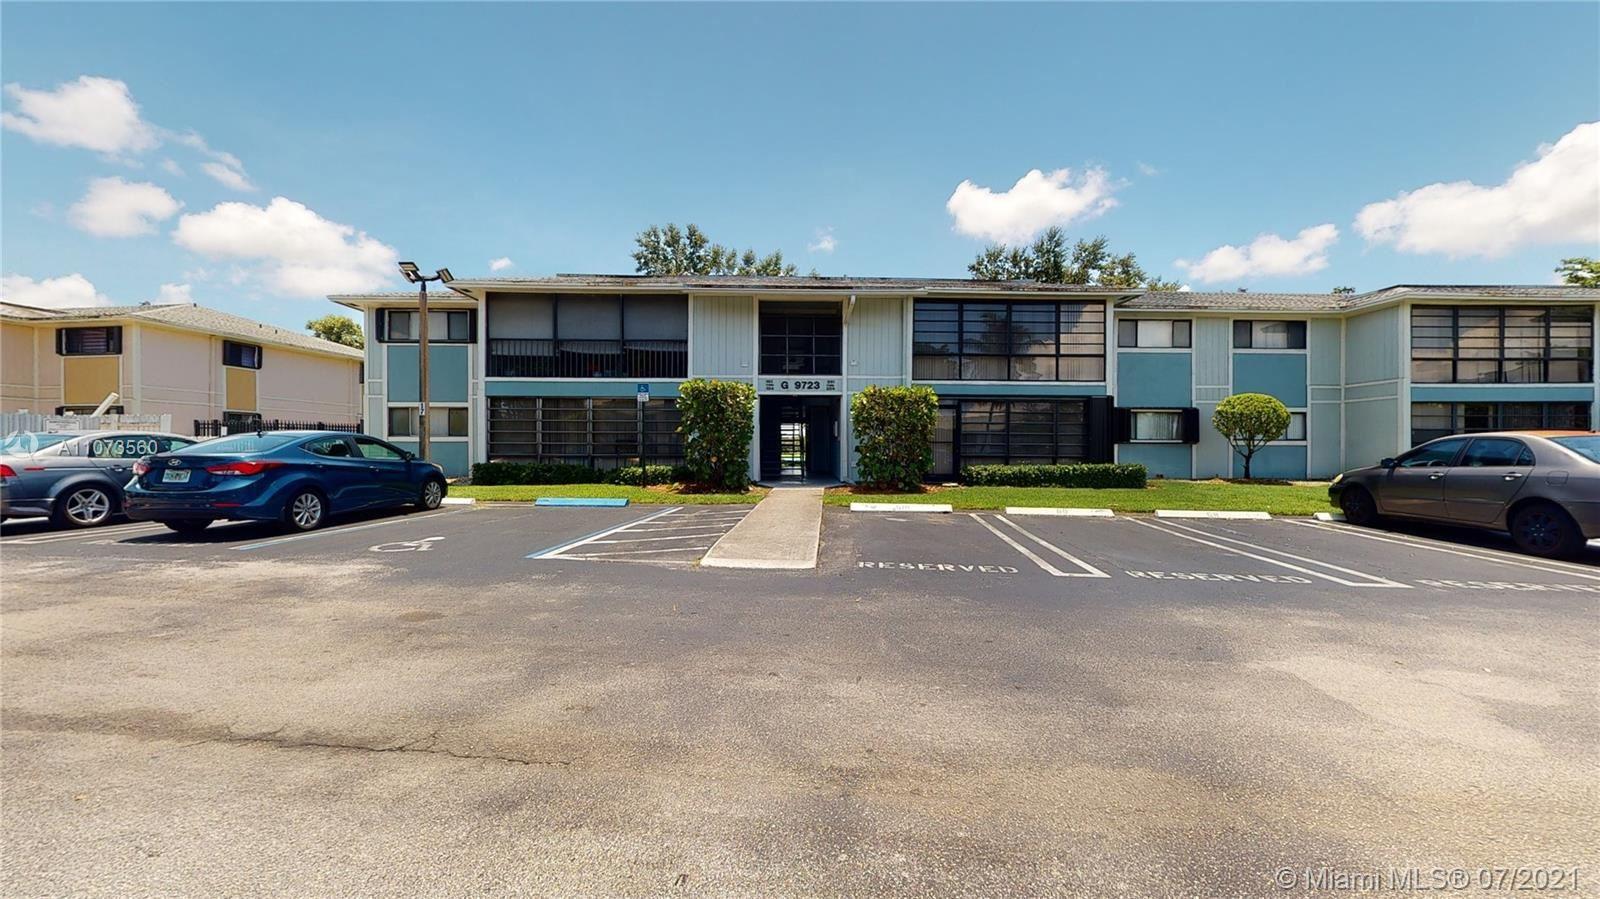 9723 Hammocks Blvd #203, Miami, FL 33196 - #: A11073560